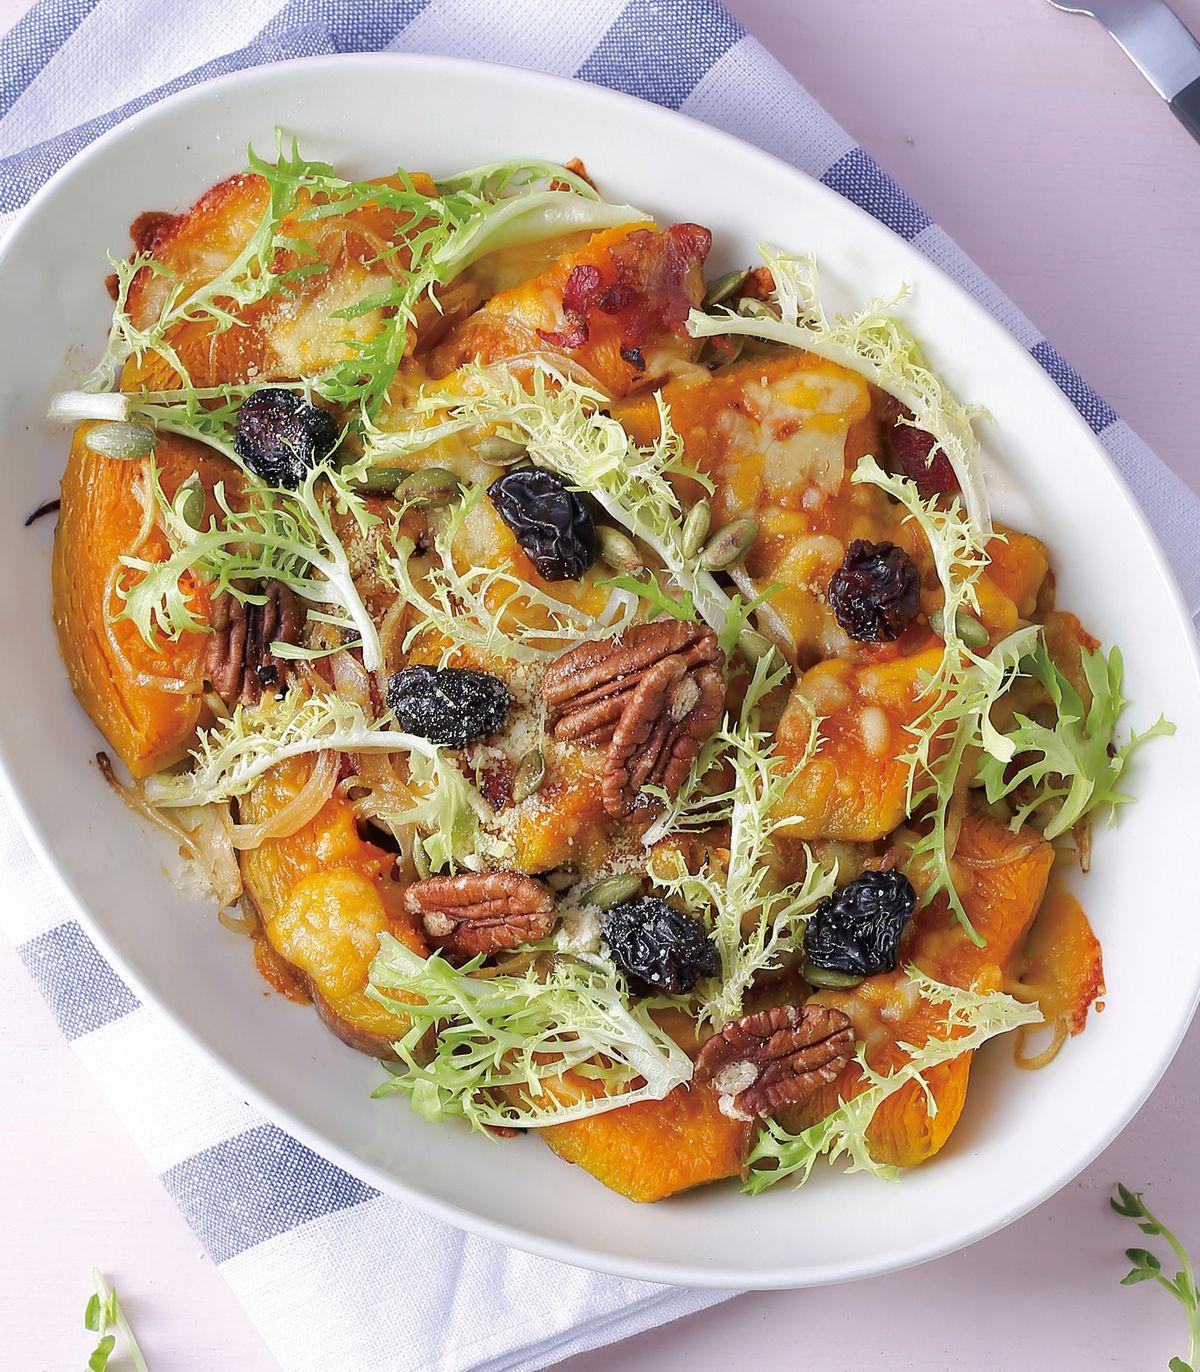 食譜:焗烤南瓜沙拉